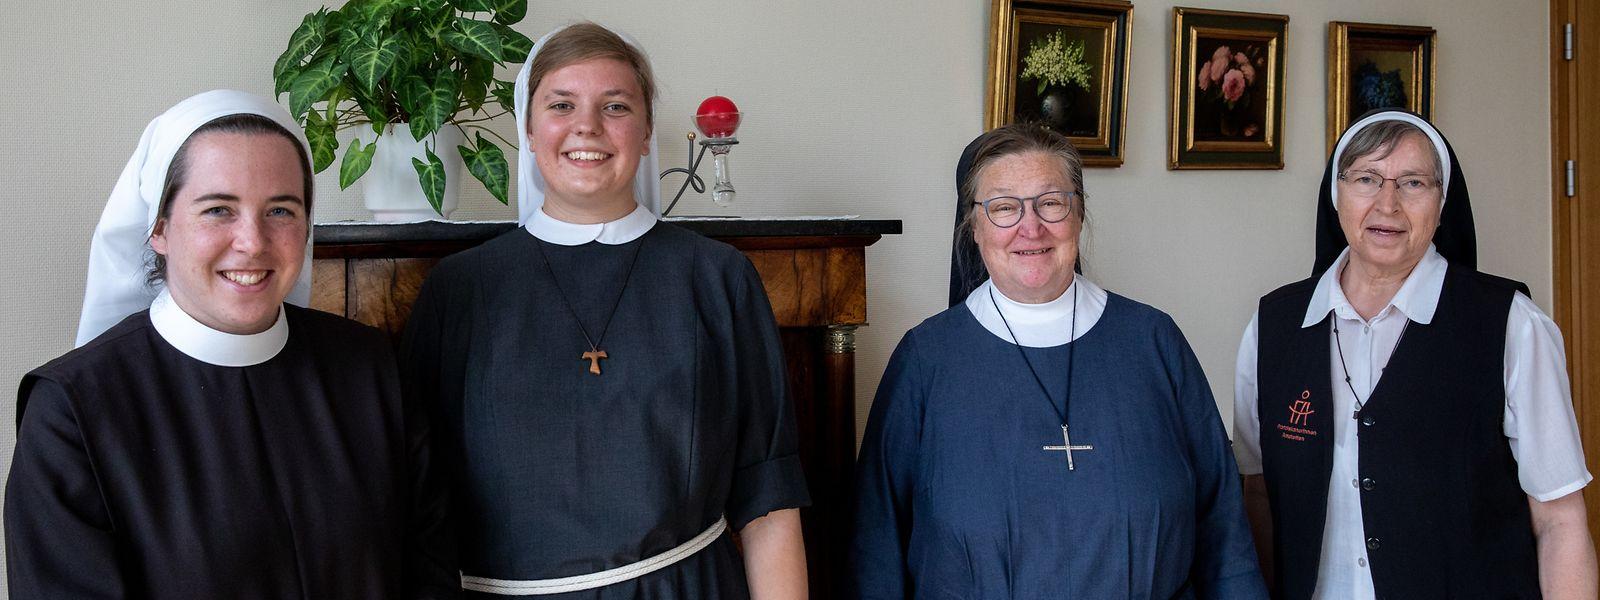 Die Novizinnen Schwester Helena (l.) und Schwester Magdalena (2.v.l.) haben gemeinsam mit neun weiteren jungen Frauen neun Wochen in Luxemburg verbracht. Begleitet wurden sie von Schwester Elvira (r.) und Schwester Beatrice (2.v.r.).